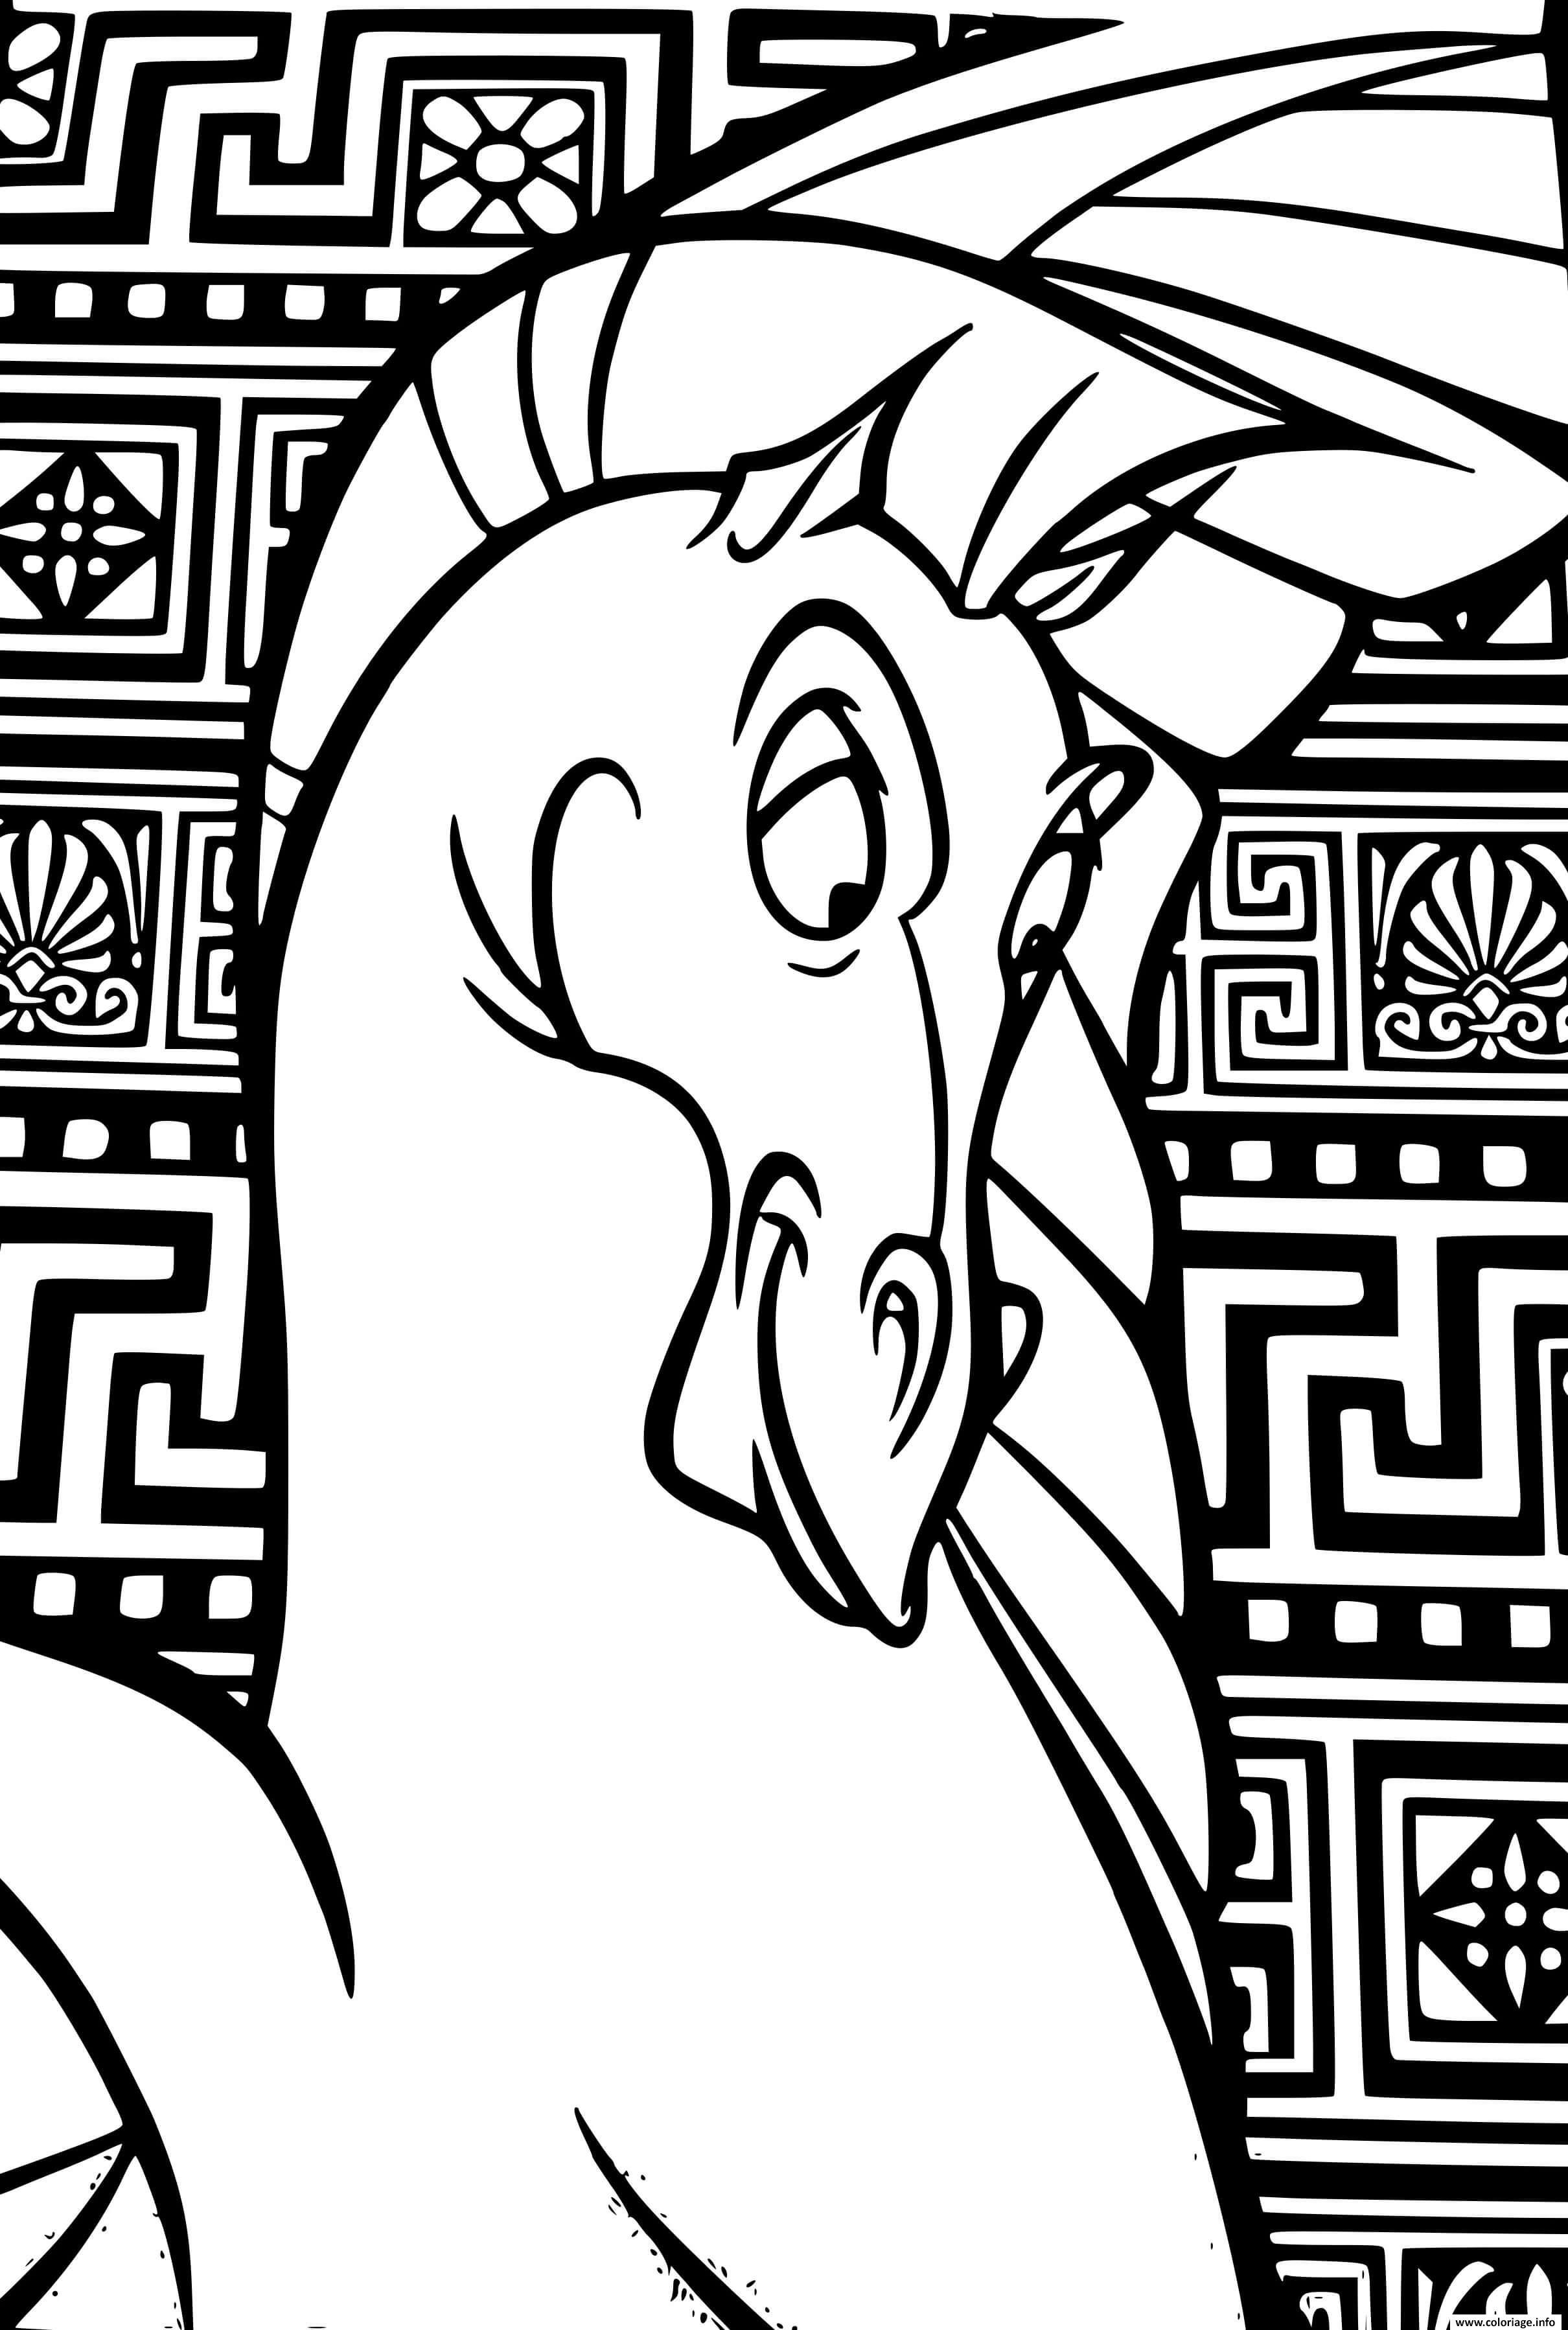 Dessin cheval pegase cree par Zeus pour hercule Coloriage Gratuit à Imprimer